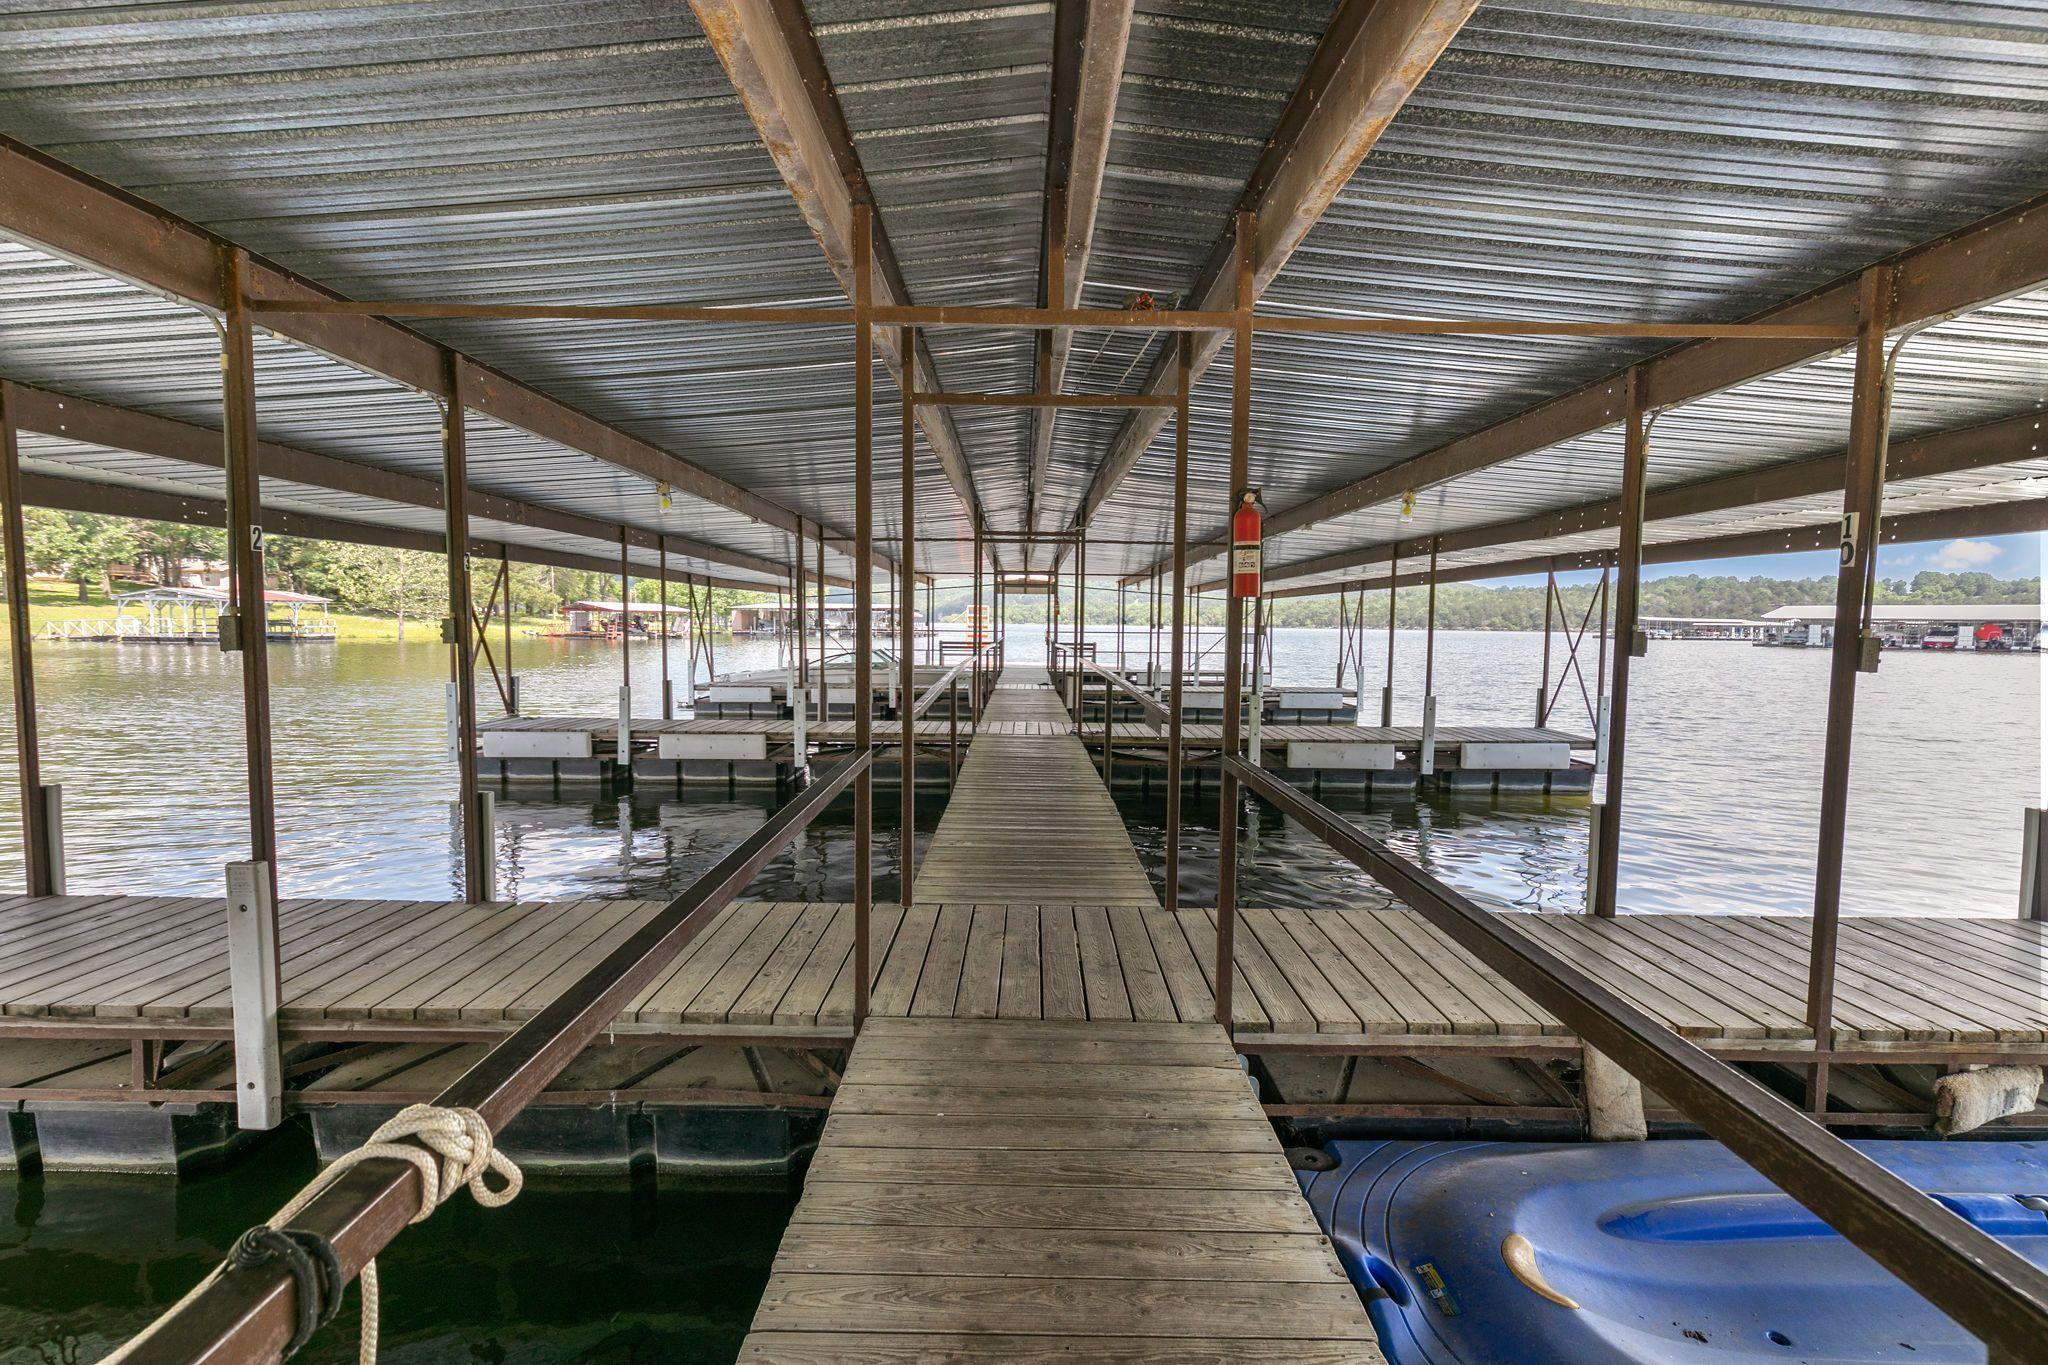 Hideaway Resort Dock